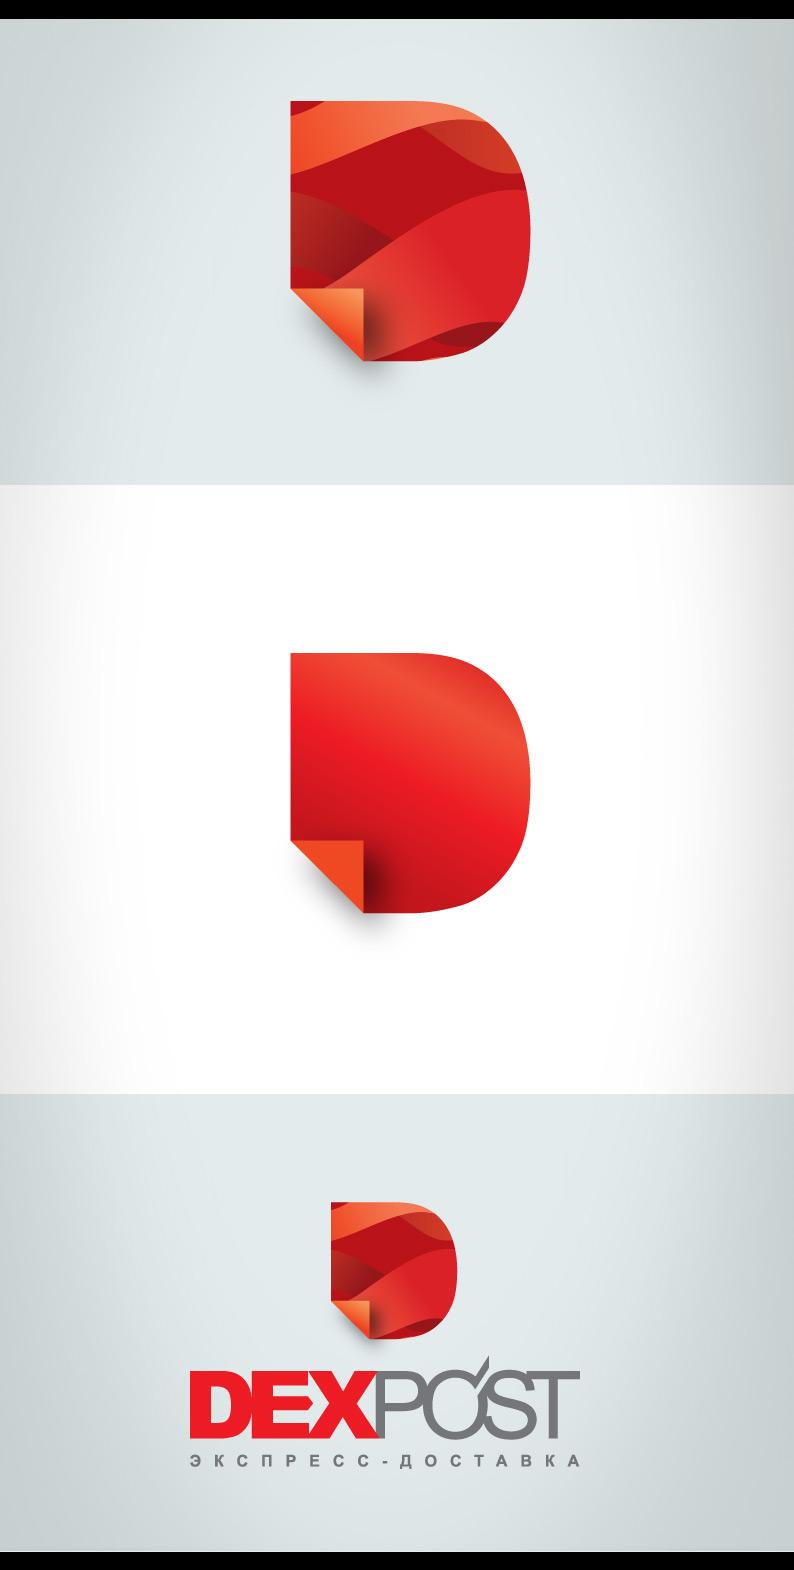 Дополнительный знак к логотипу службы почтовой доставки